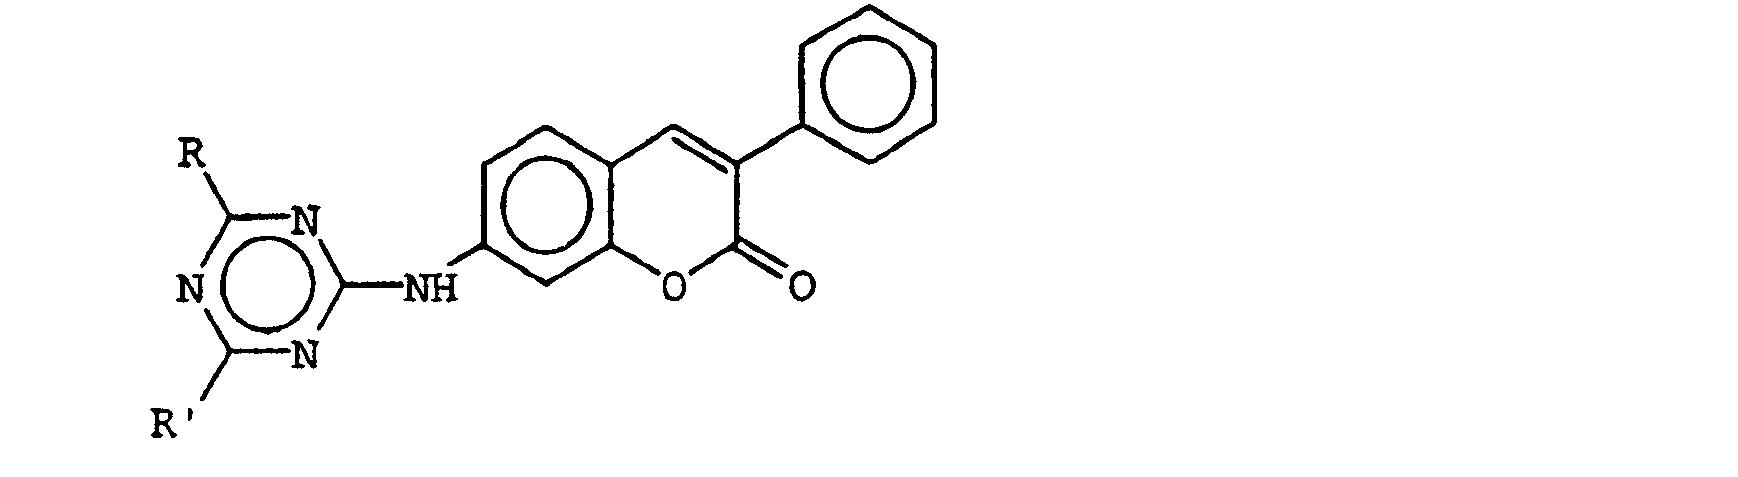 Figure CN1694677BD00121